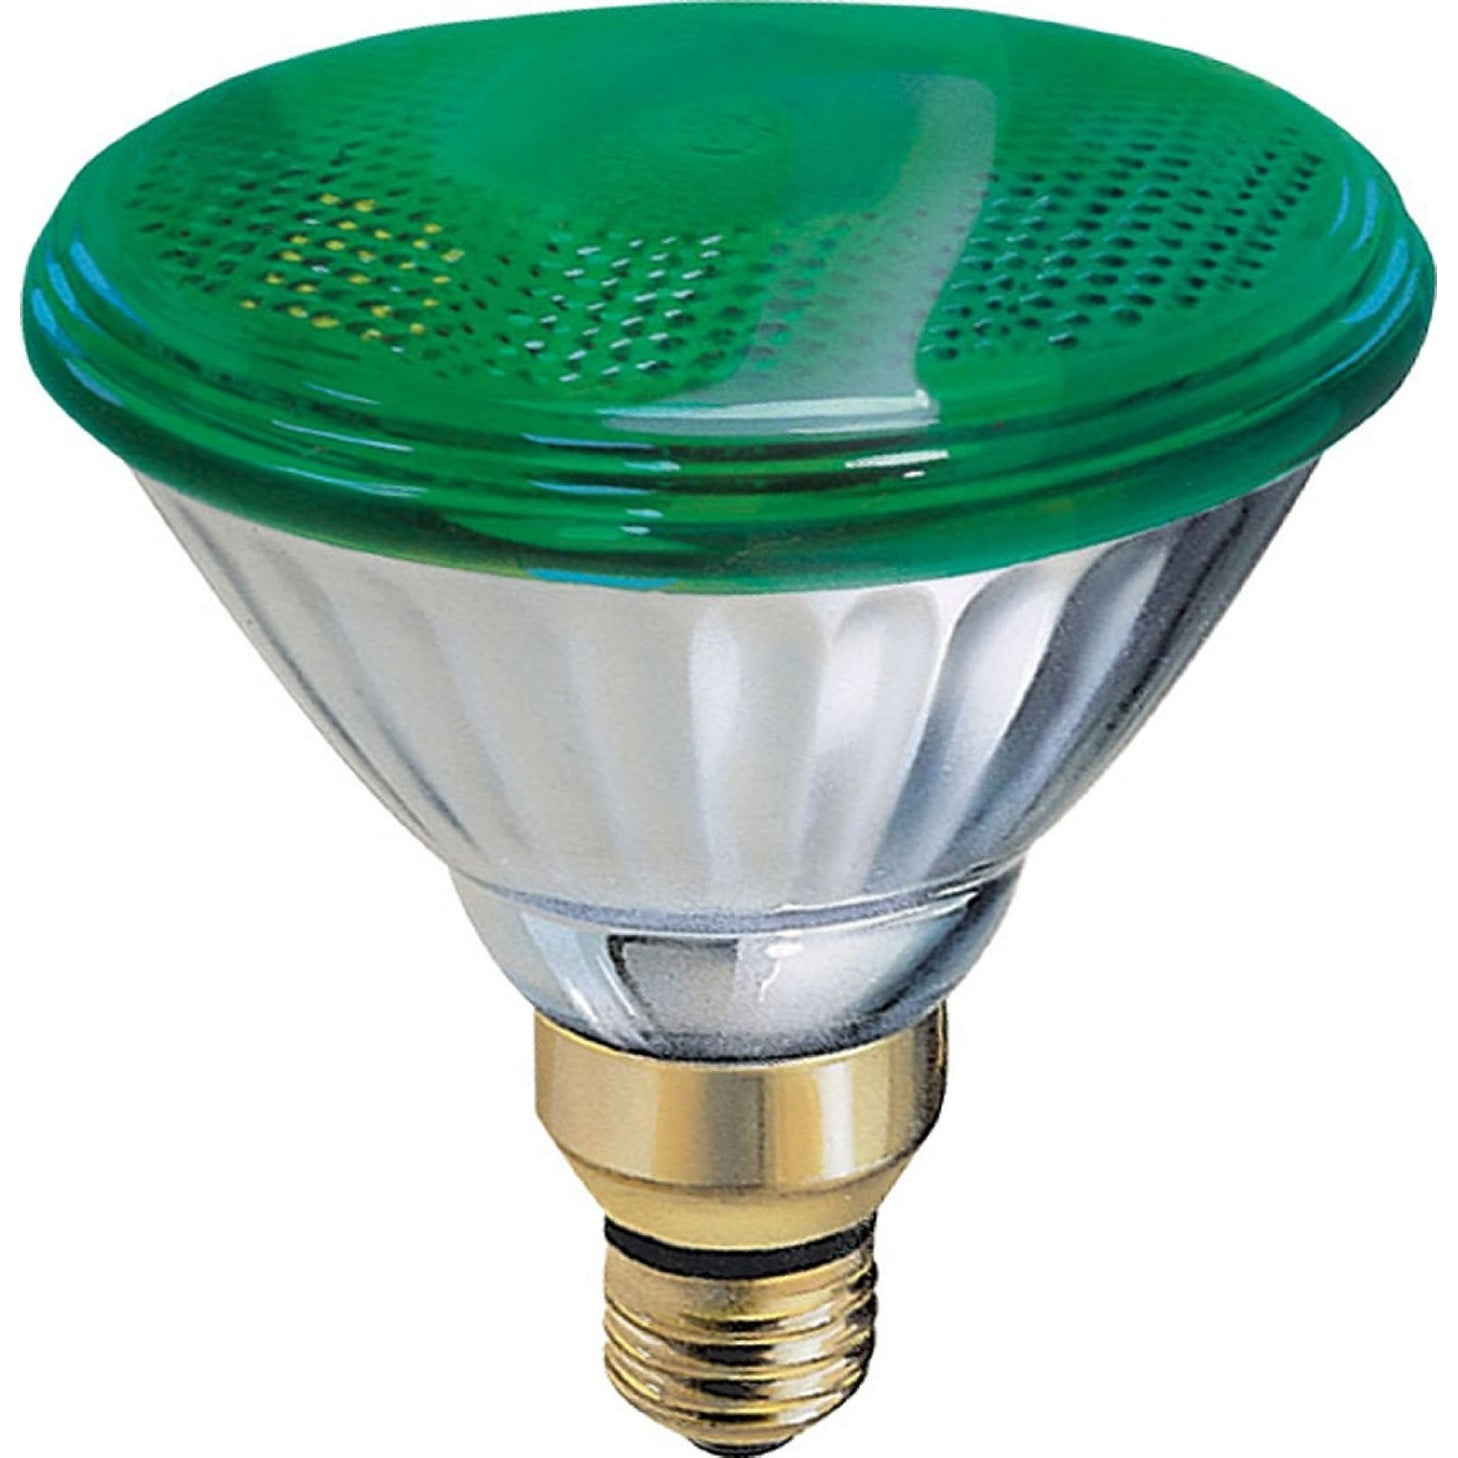 Ge Lighting 13474 Incandescent